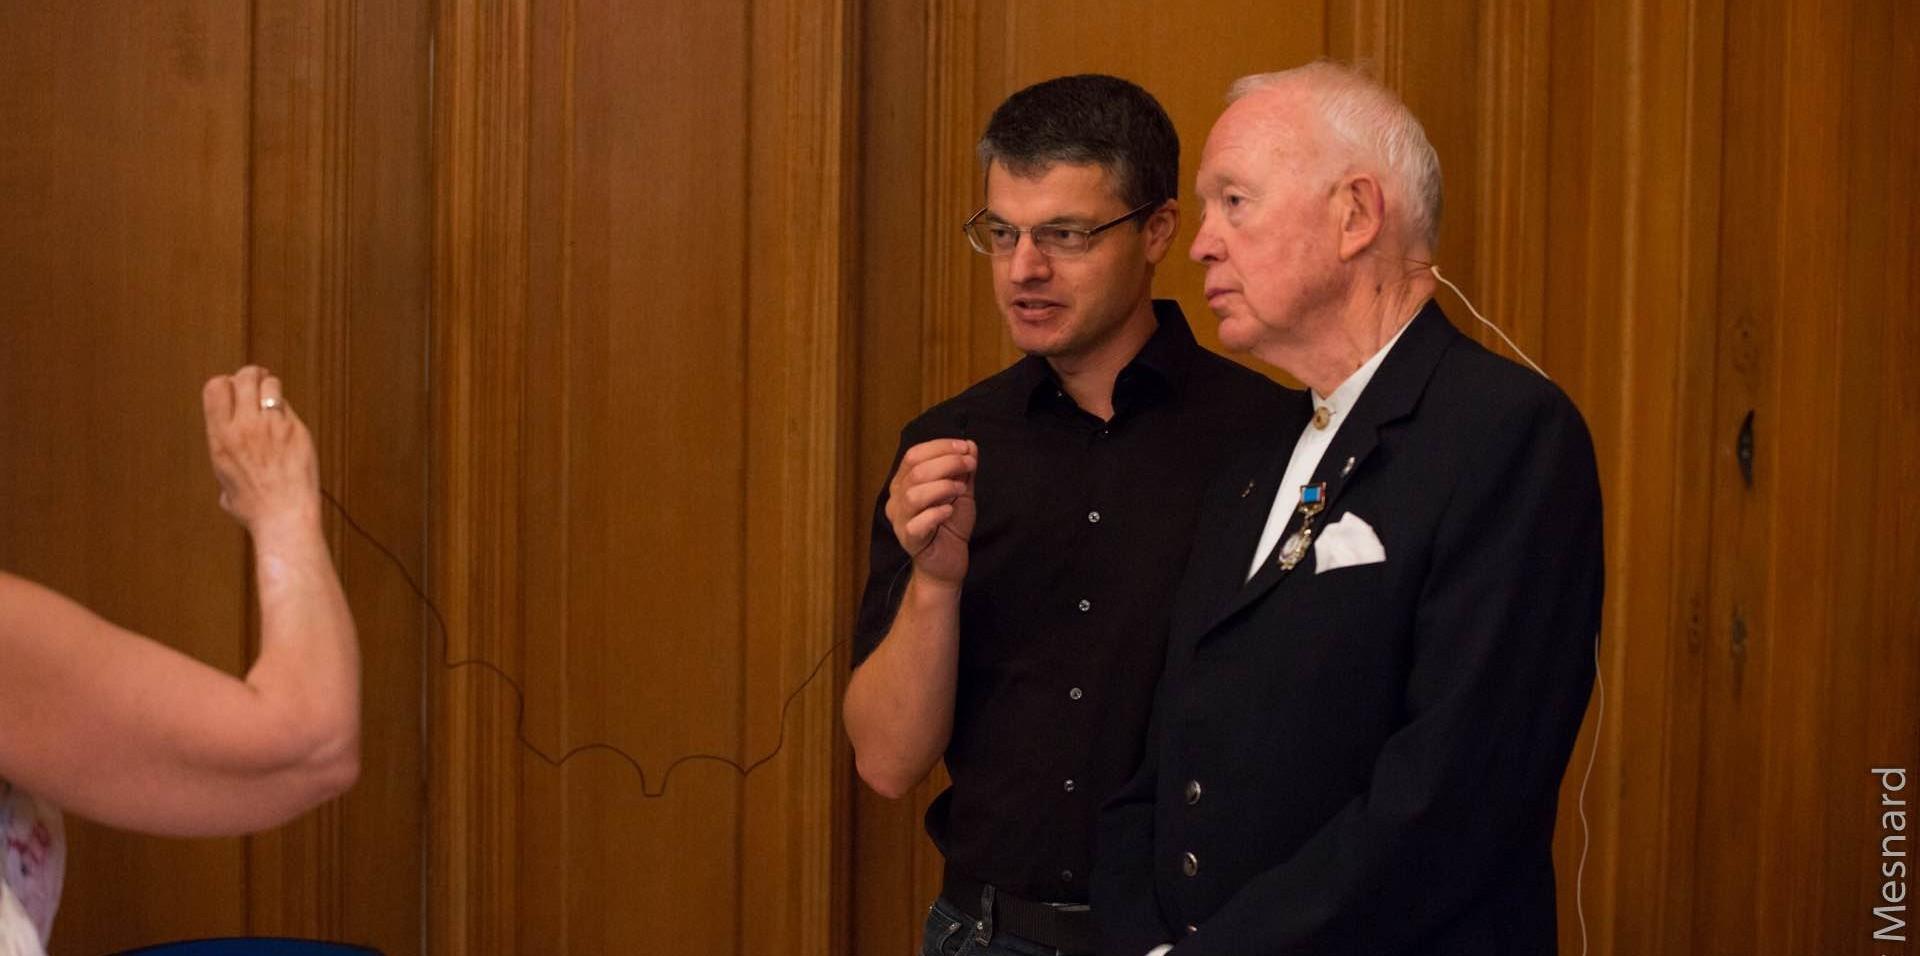 Interview conjointe avec Tony Buzan pour une journaliste